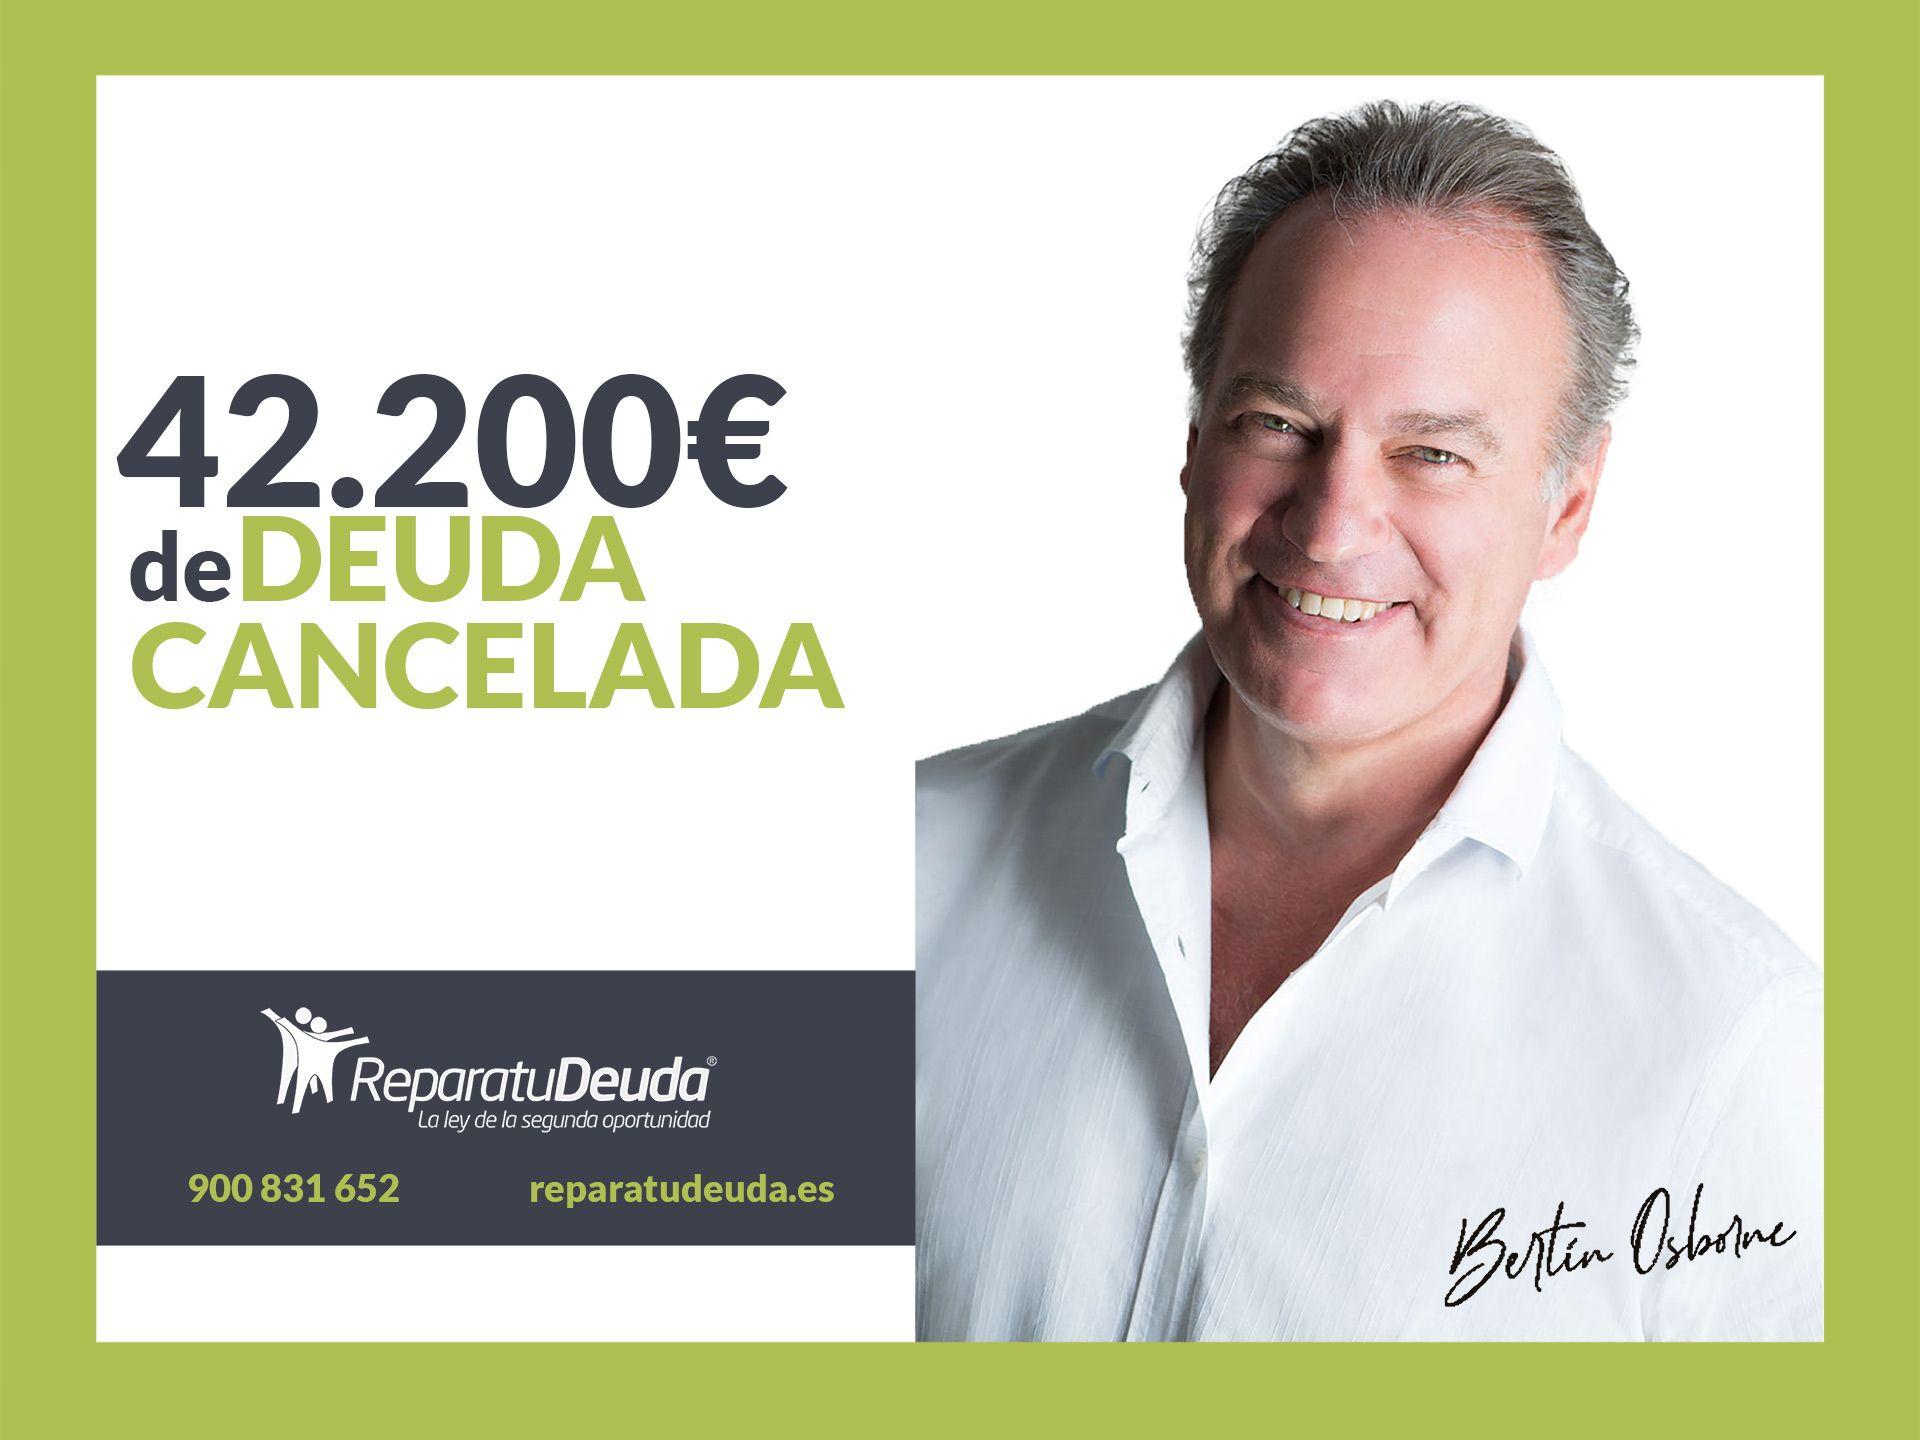 Repara tu Deuda Abogados cancela 42.200? en Guadalajara con la Ley de Segunda Oportunidad